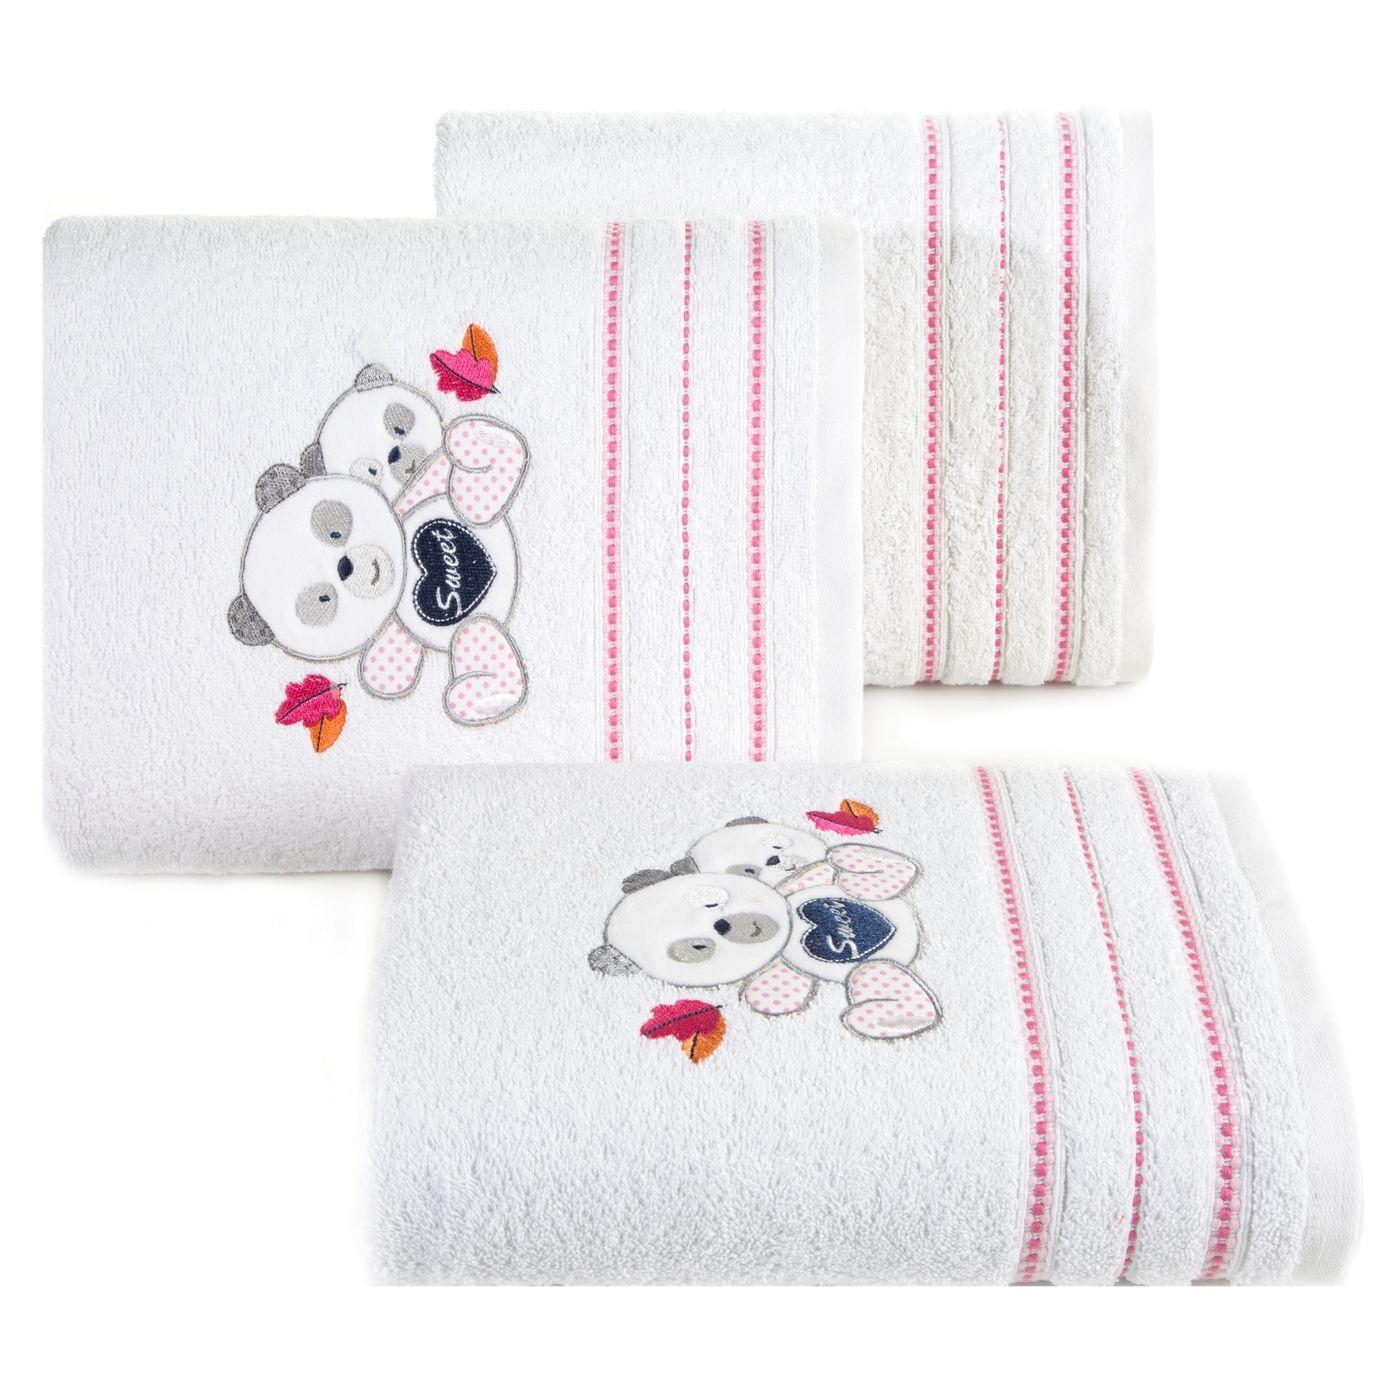 Ręcznik dziecięcy kąpielowy misie biały różowy 50x90